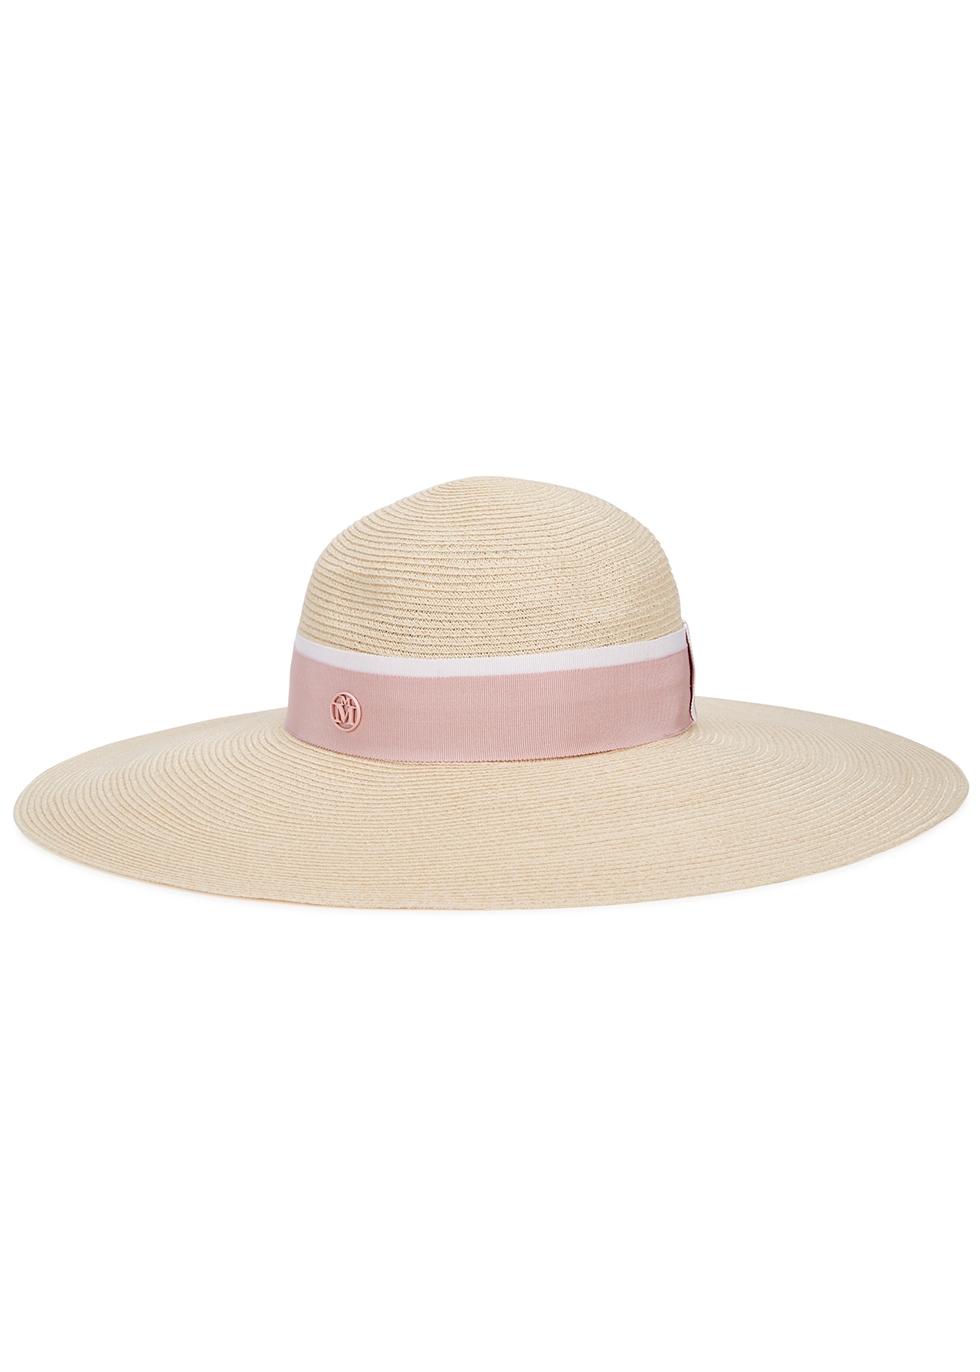 Blanche sand straw wide-brim hat